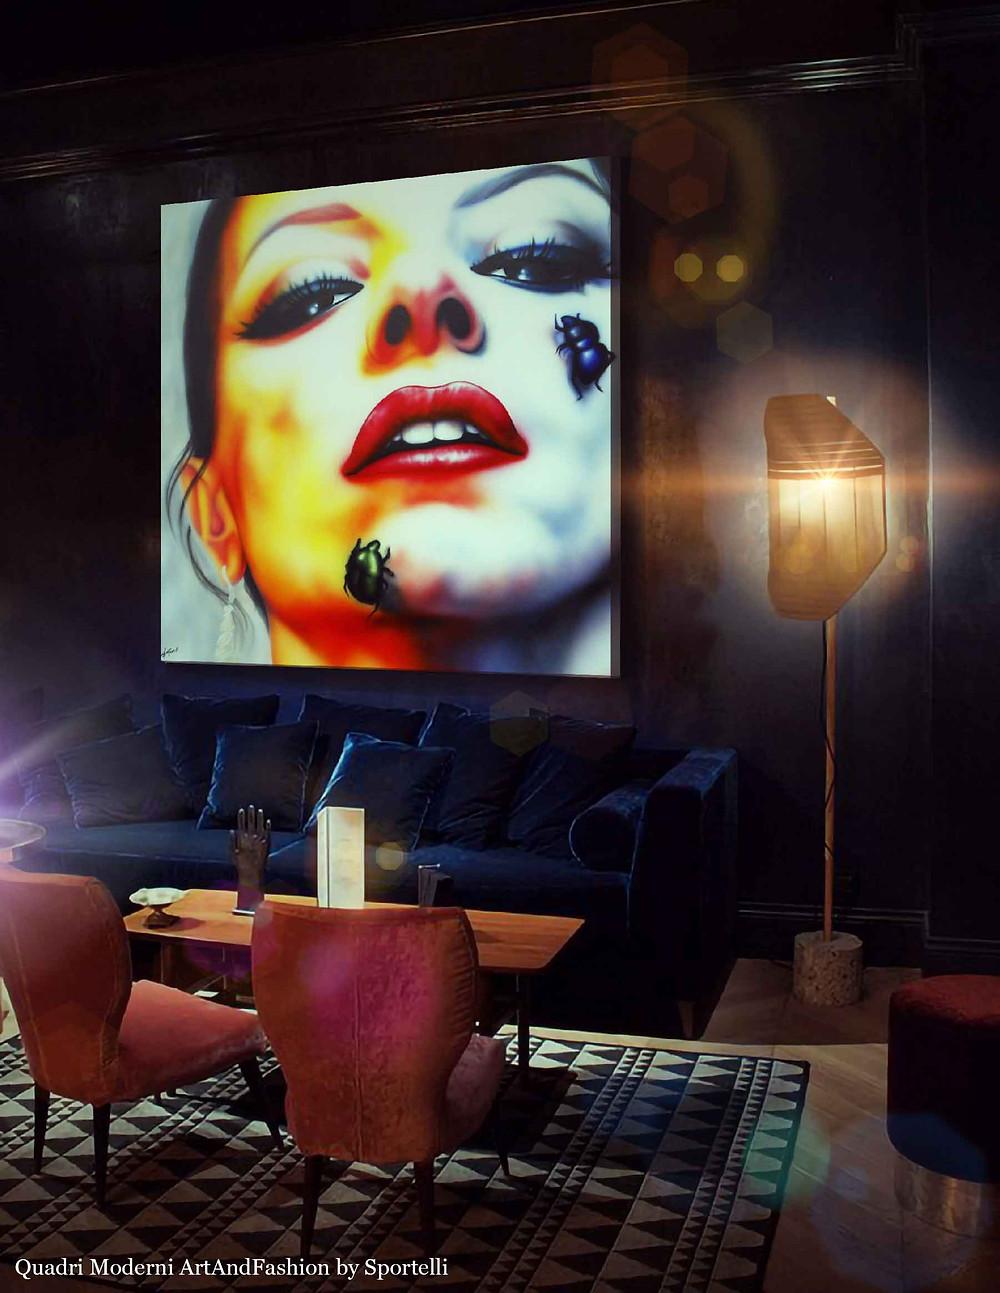 quadro-volto-donna-multicolore-in-arredamento-locale-notturno_ArtAndFashion-by-Sportelli